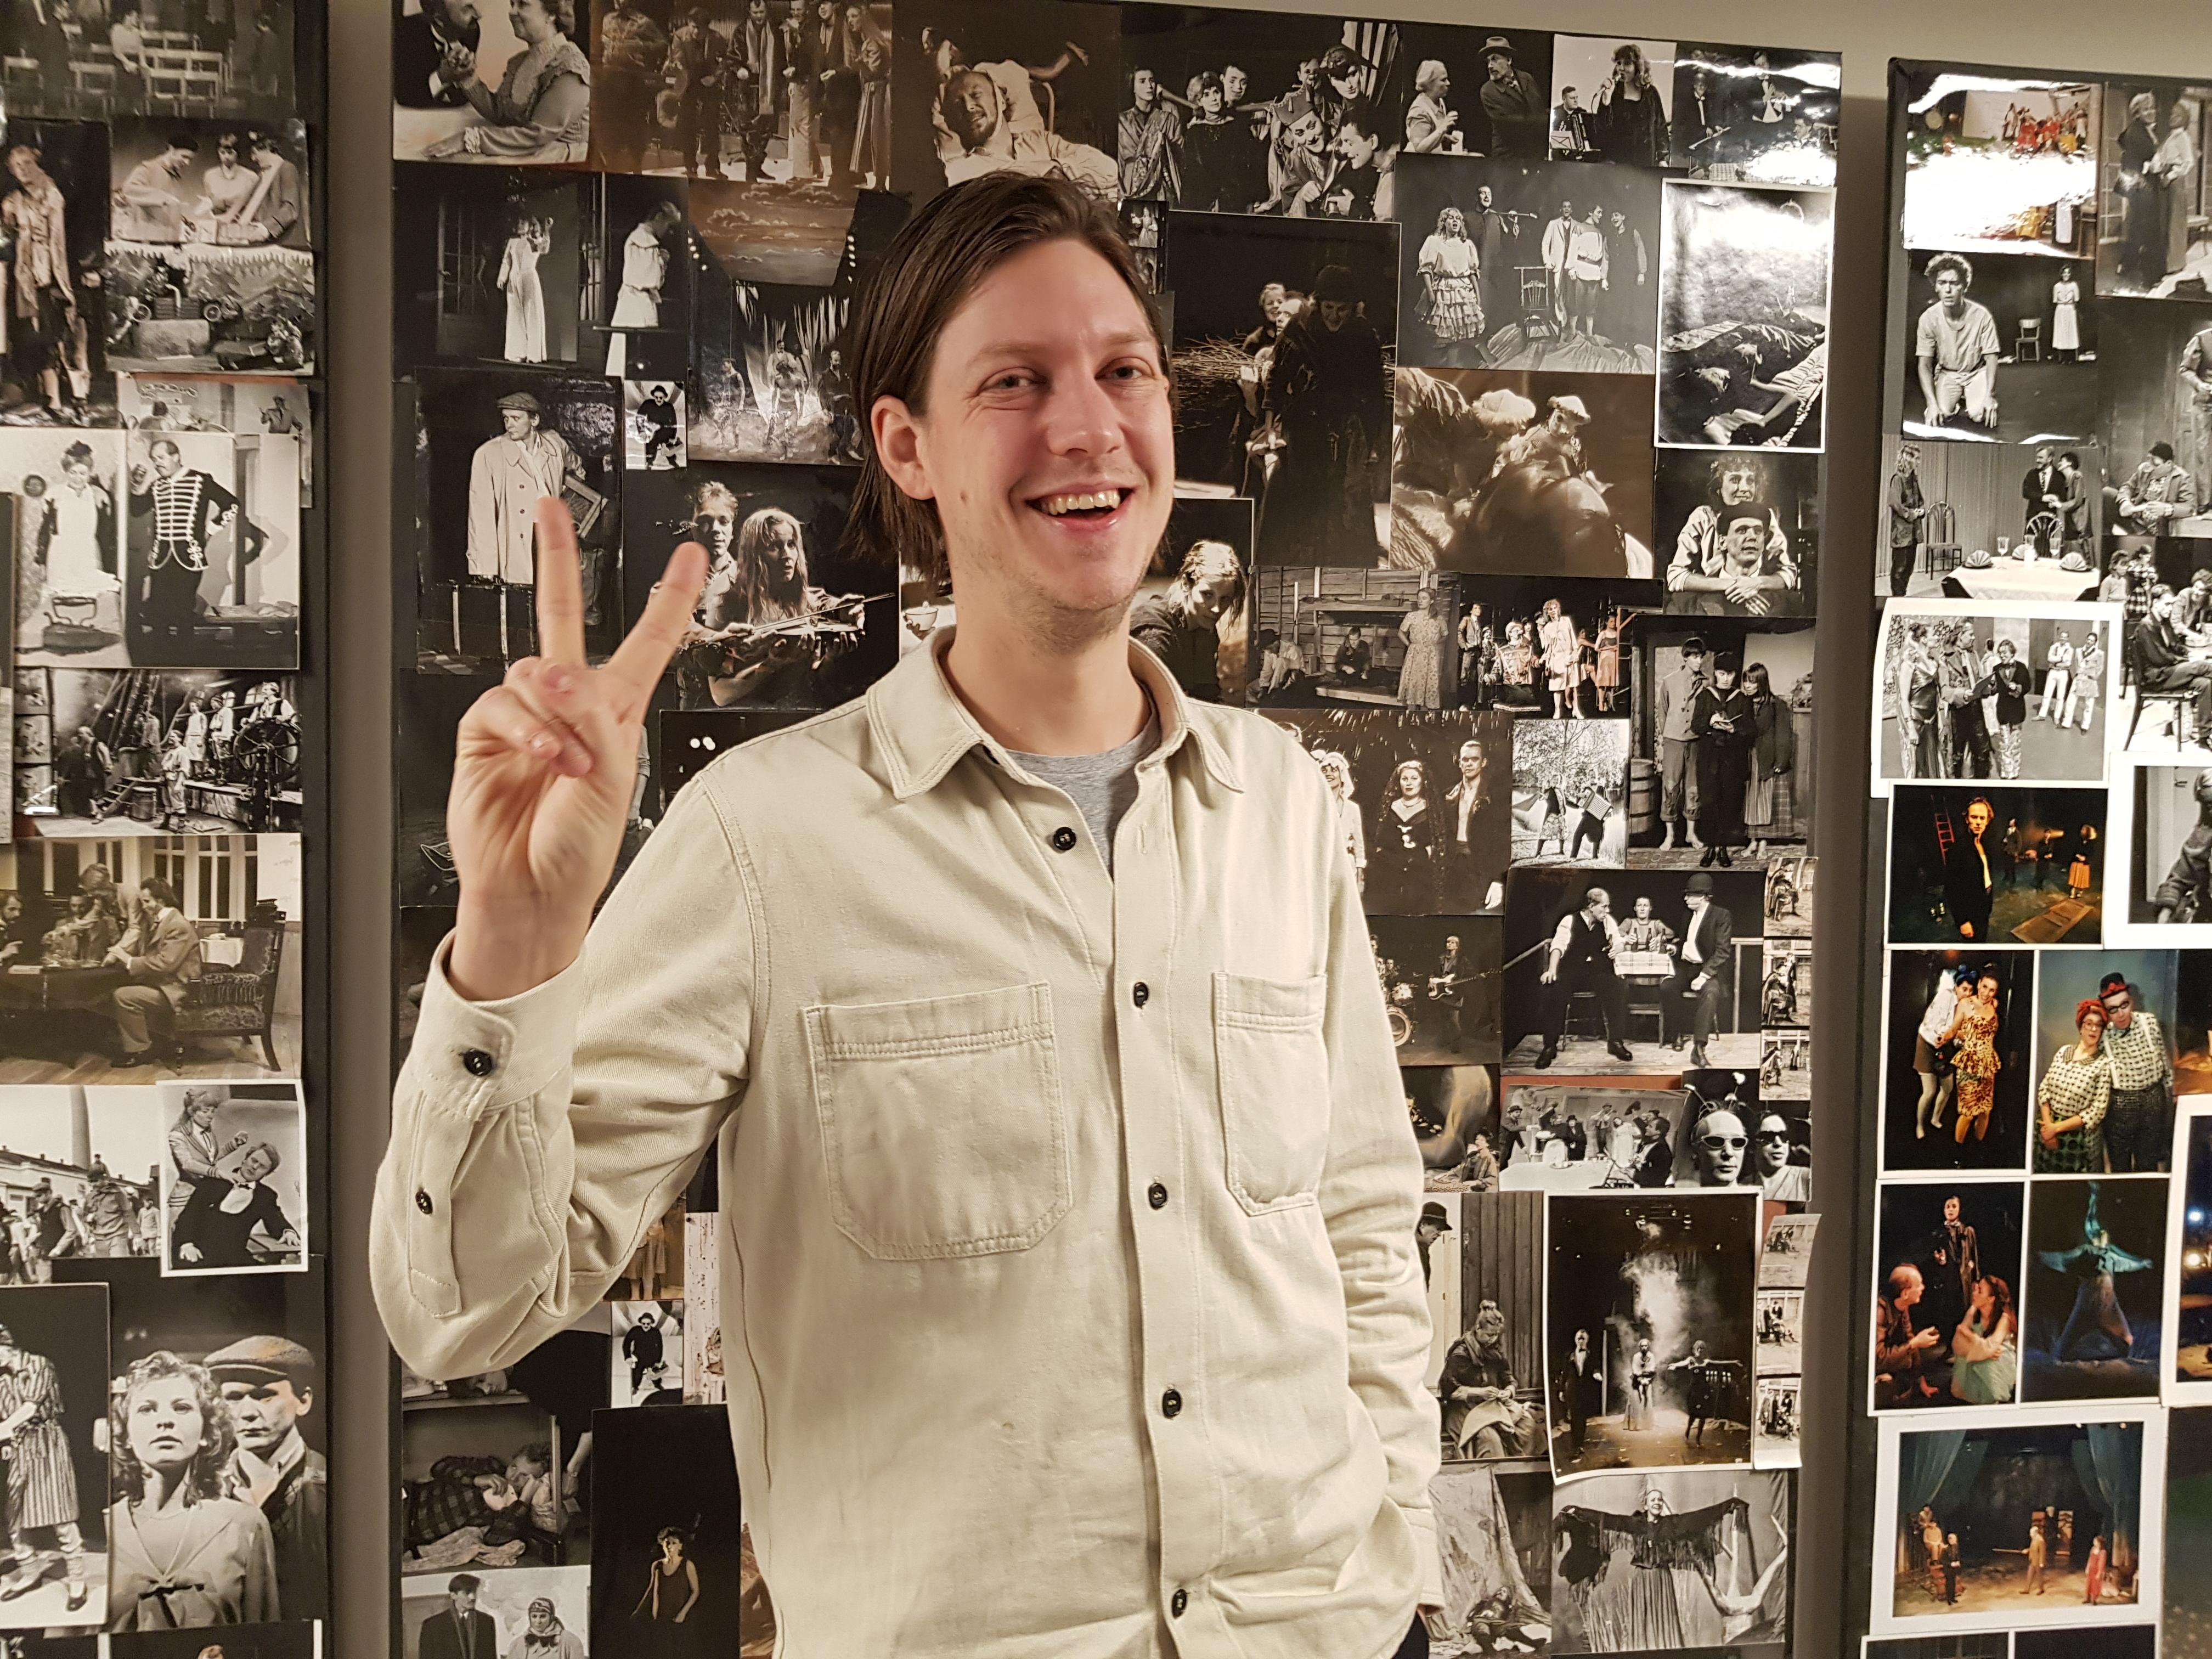 Kristoffer visar segertecken med handen. Han ler stort och sår framför en vägg med teaterbilder